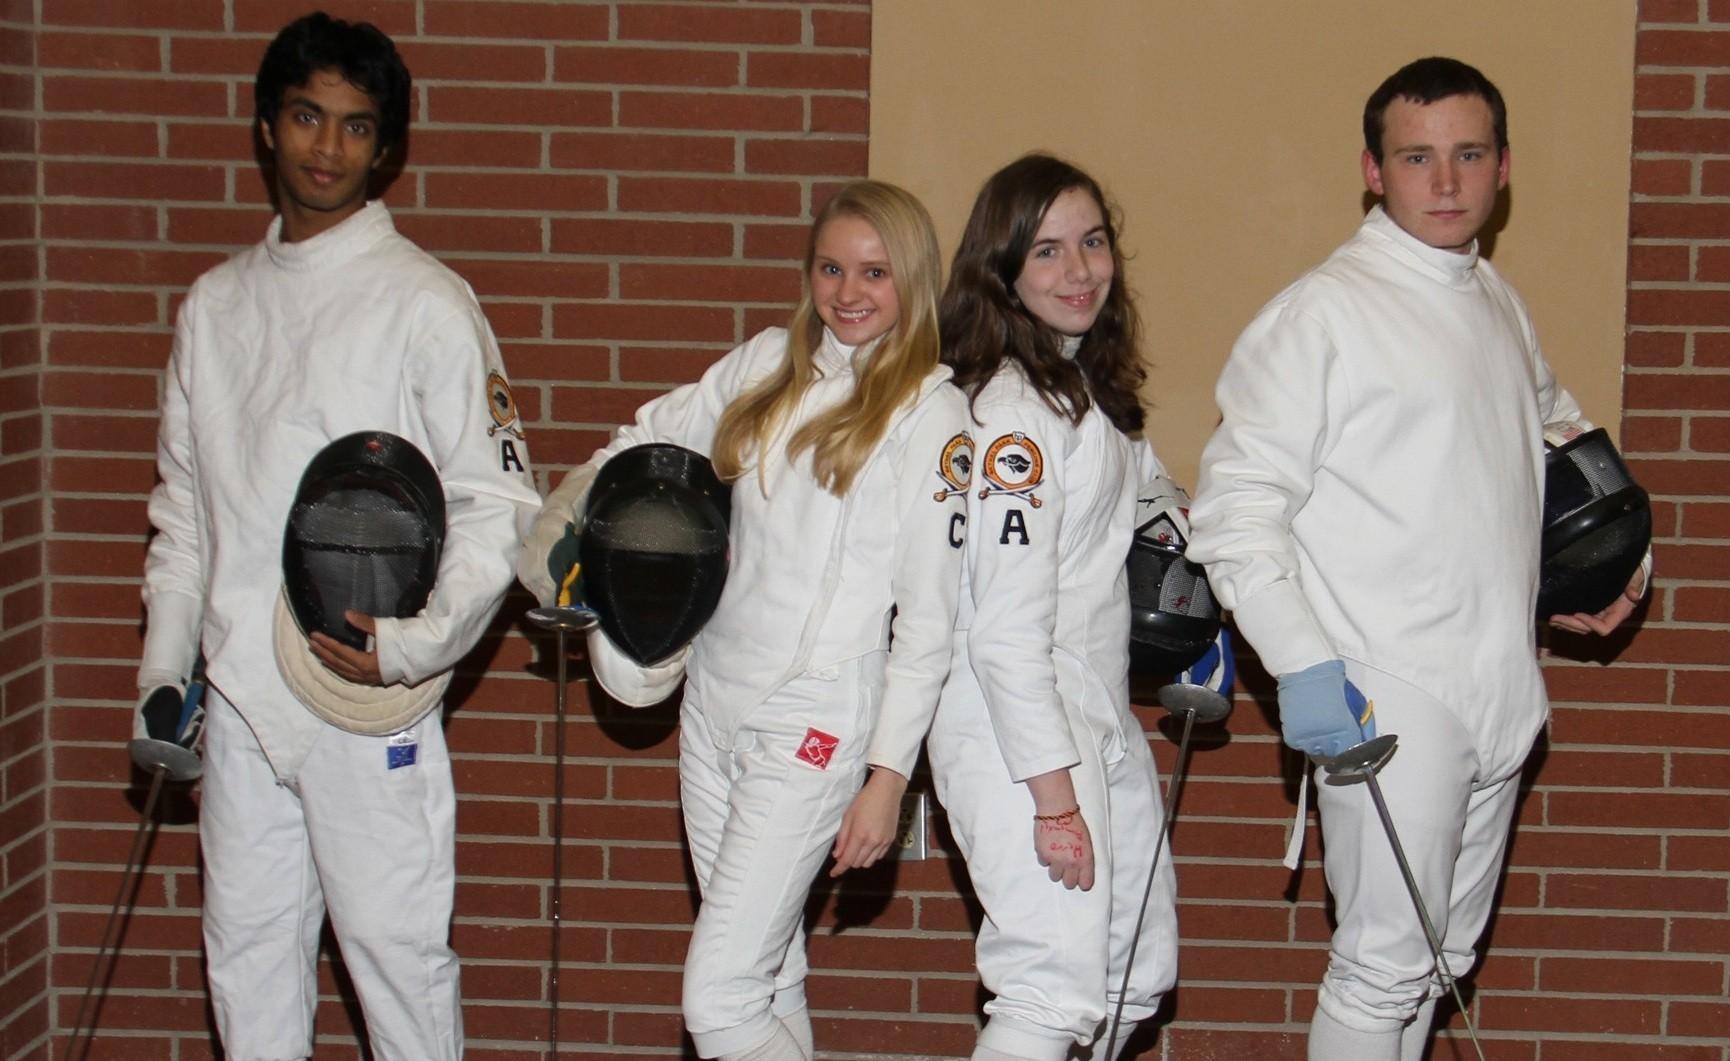 The bethel park high school fencing team hawk eye